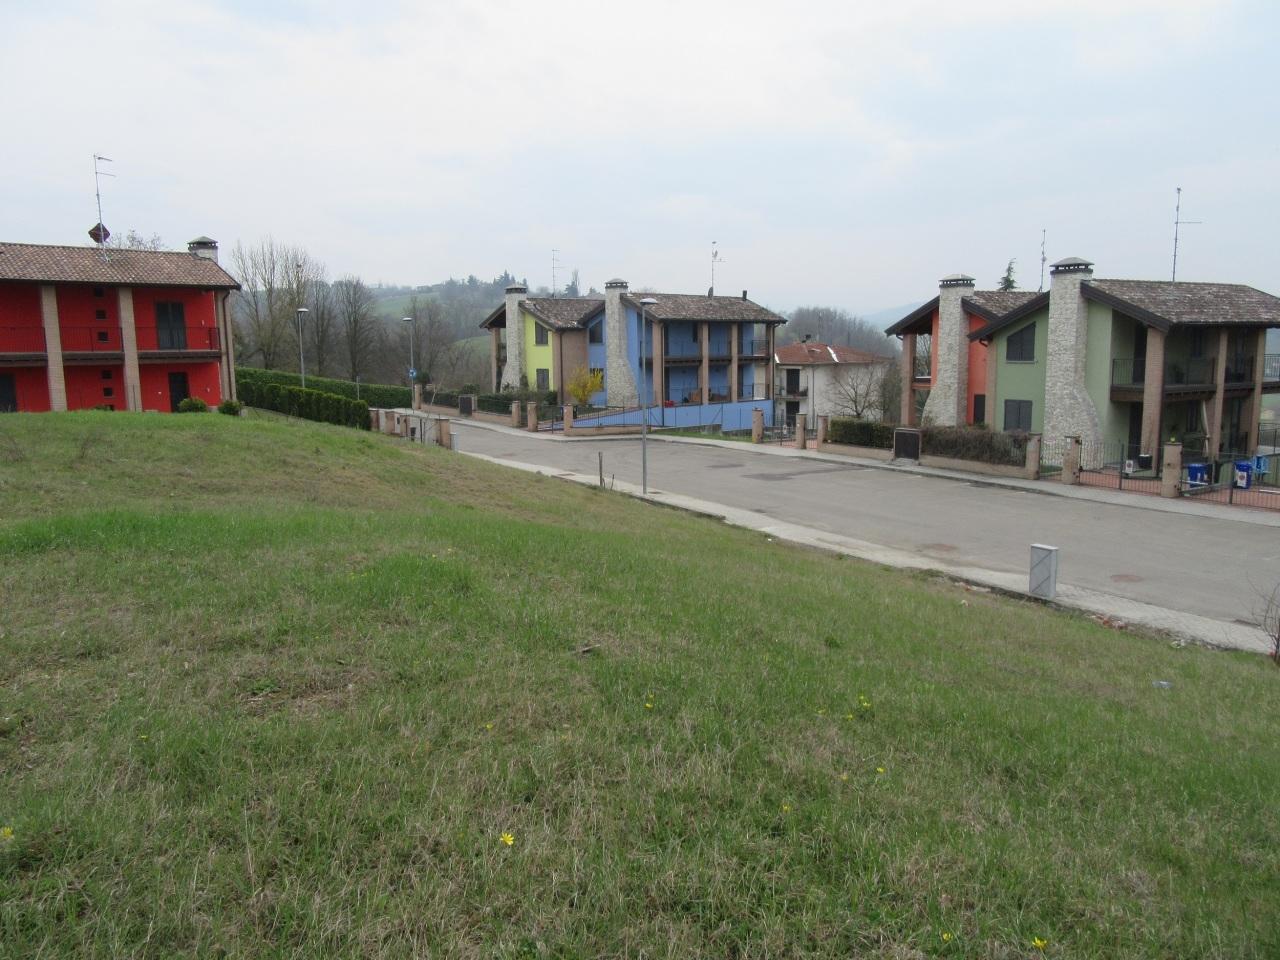 Terreno edificabile - abitativo a Costamezzana, Noceto